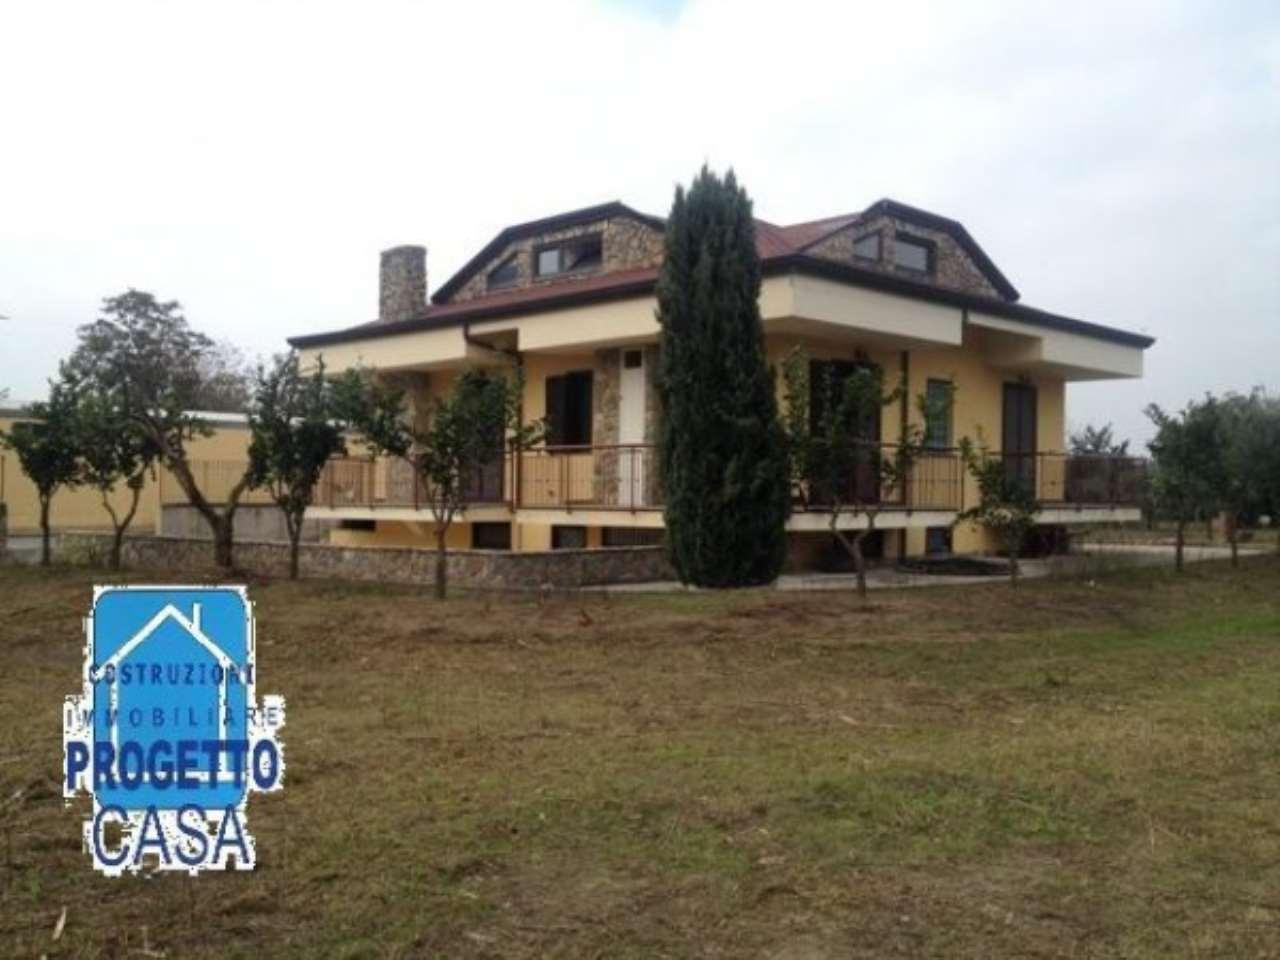 Villa in vendita a Casamarciano, 6 locali, Trattative riservate | CambioCasa.it